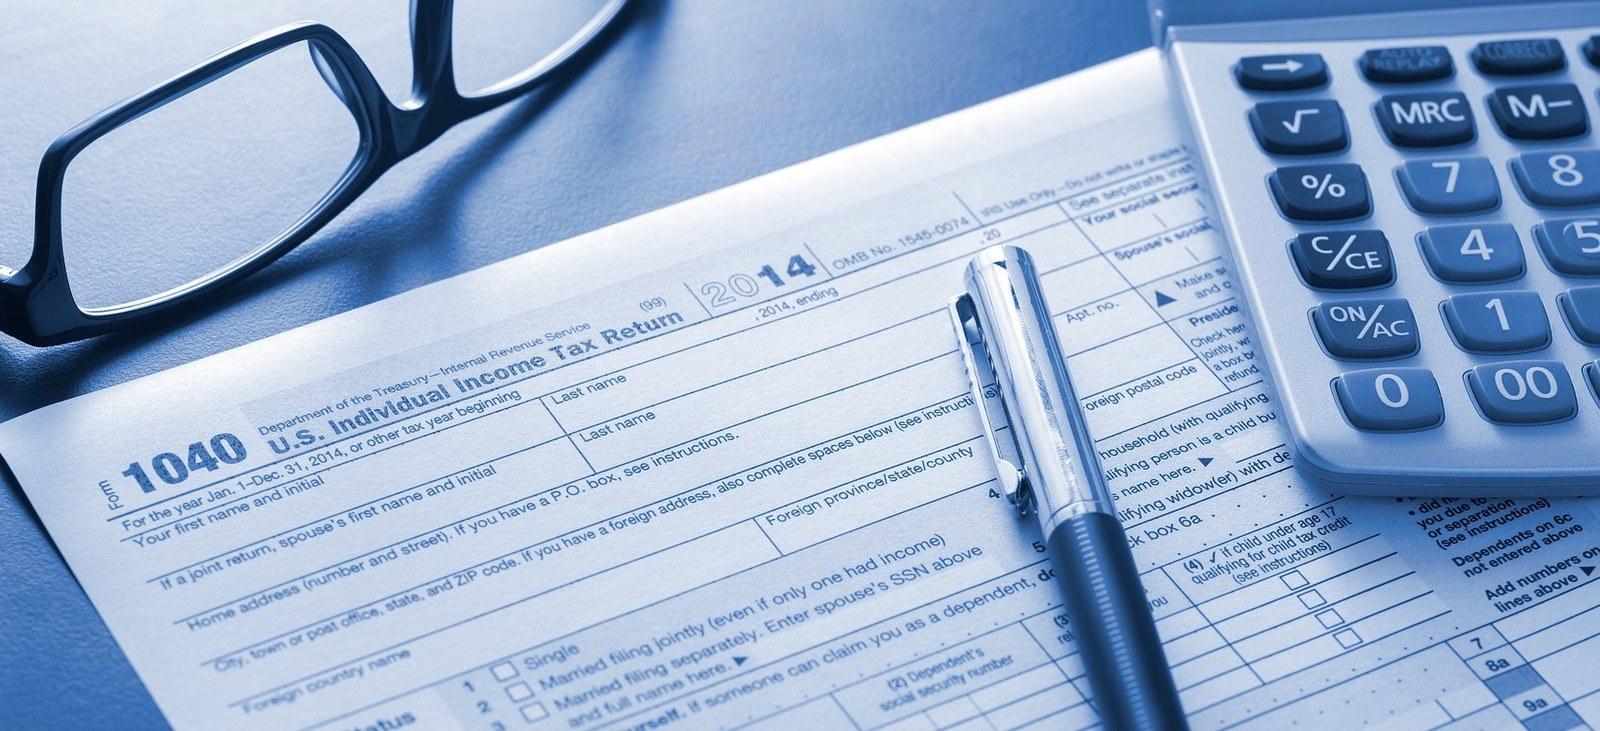 us tax preparation